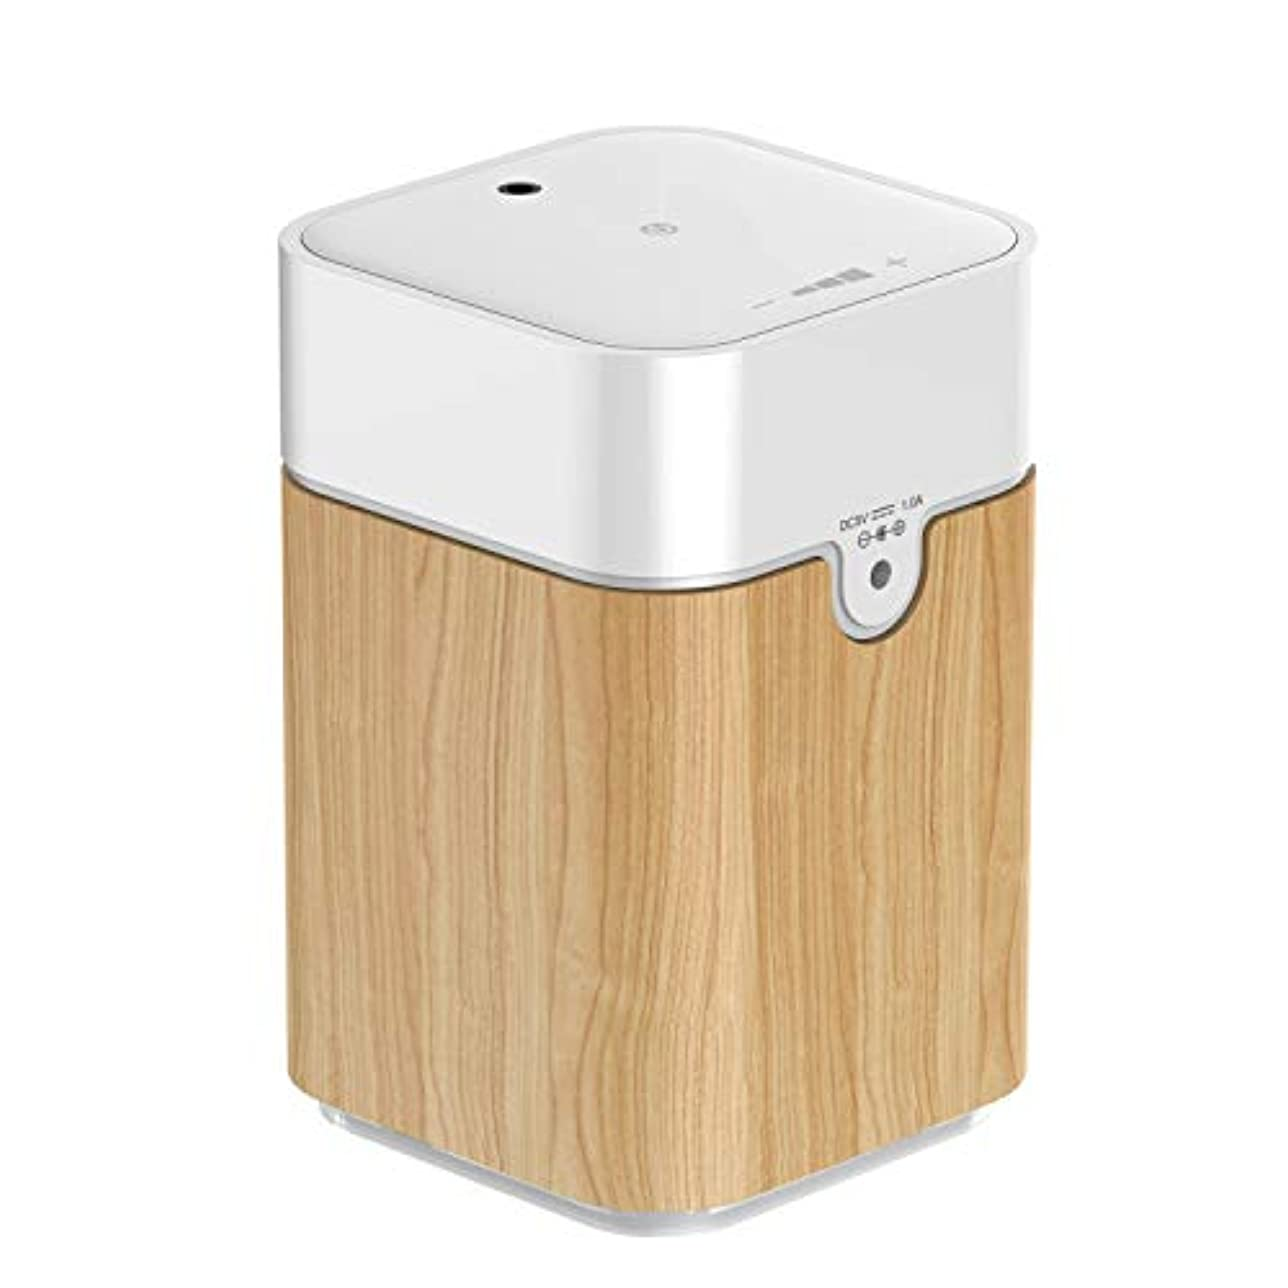 宿泊明確なガードEVOON アロマディフューザー アロマオイル ネブライザー式充電式で静か アロマバーナー ヨガ室 ホテル 店舗 広く使用されている アロマライト S082W